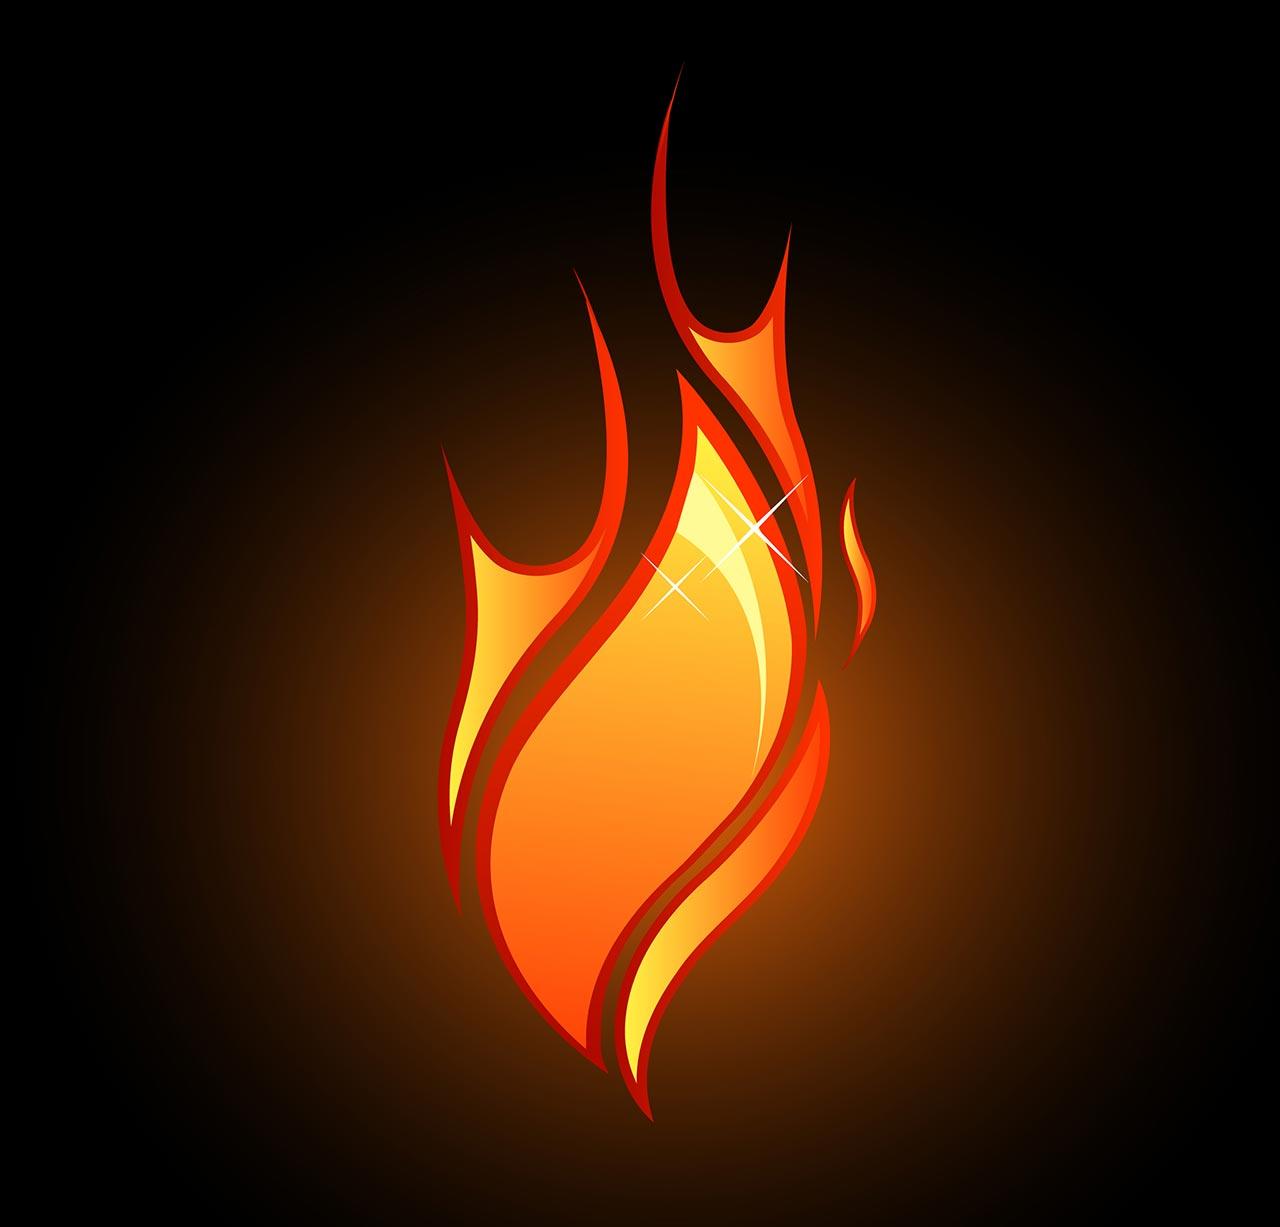 Of fire clip art. Flames clipart tongue